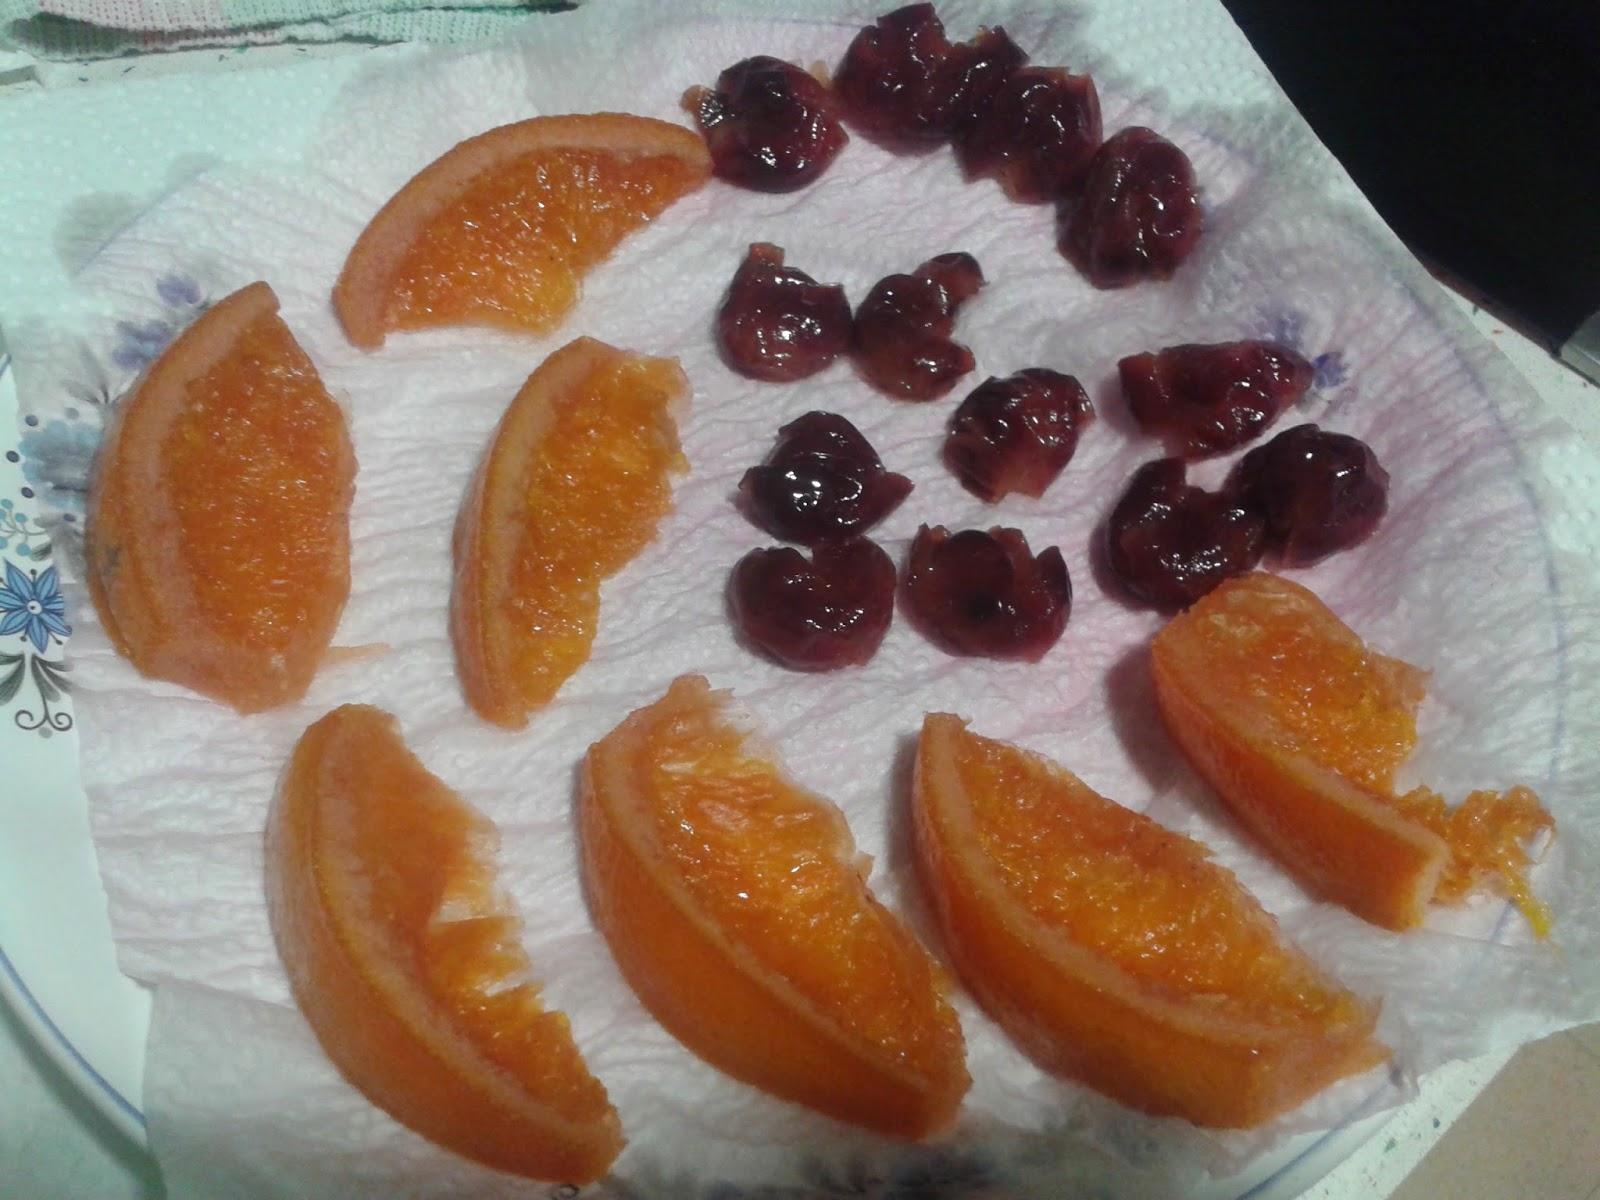 Mi lugar de encuentro y participaci n frutas de arag n - Frutas para ir al bano ...